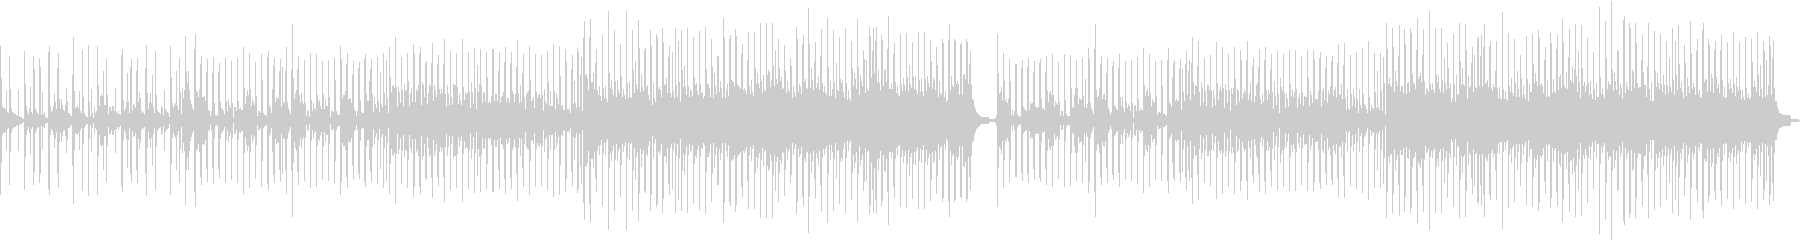 サビのメロディーが印象的なミドルテンポ曲の未再生の波形